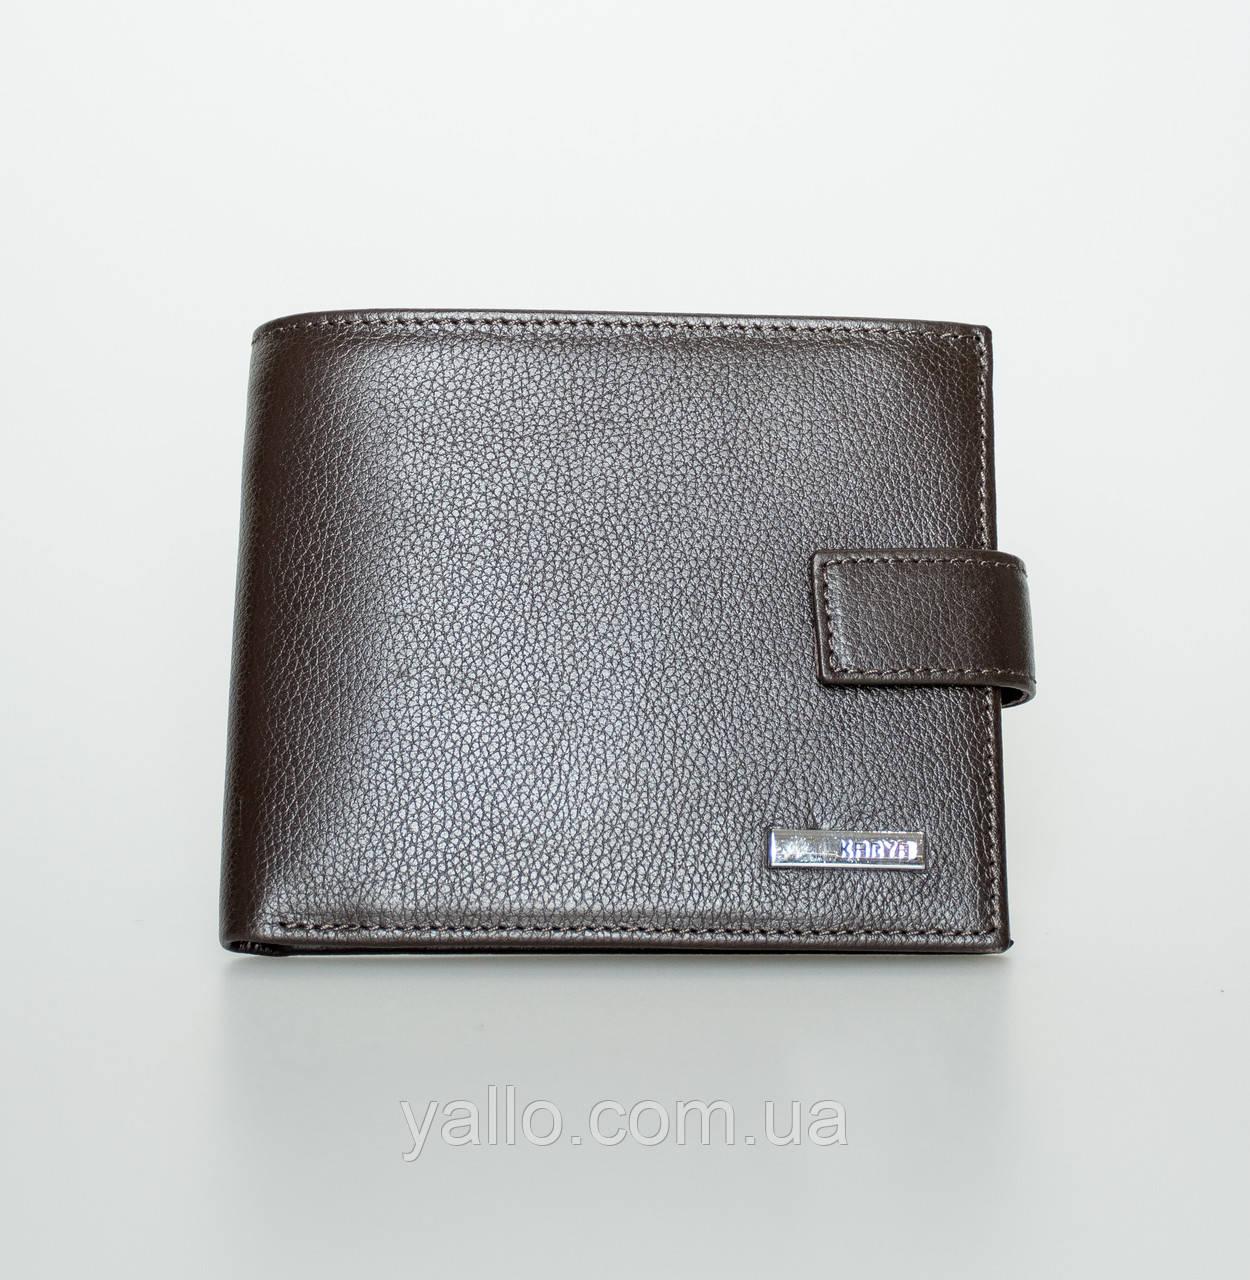 Мужской кошелёк из Натуральной Кожи, KARYA 0440-39